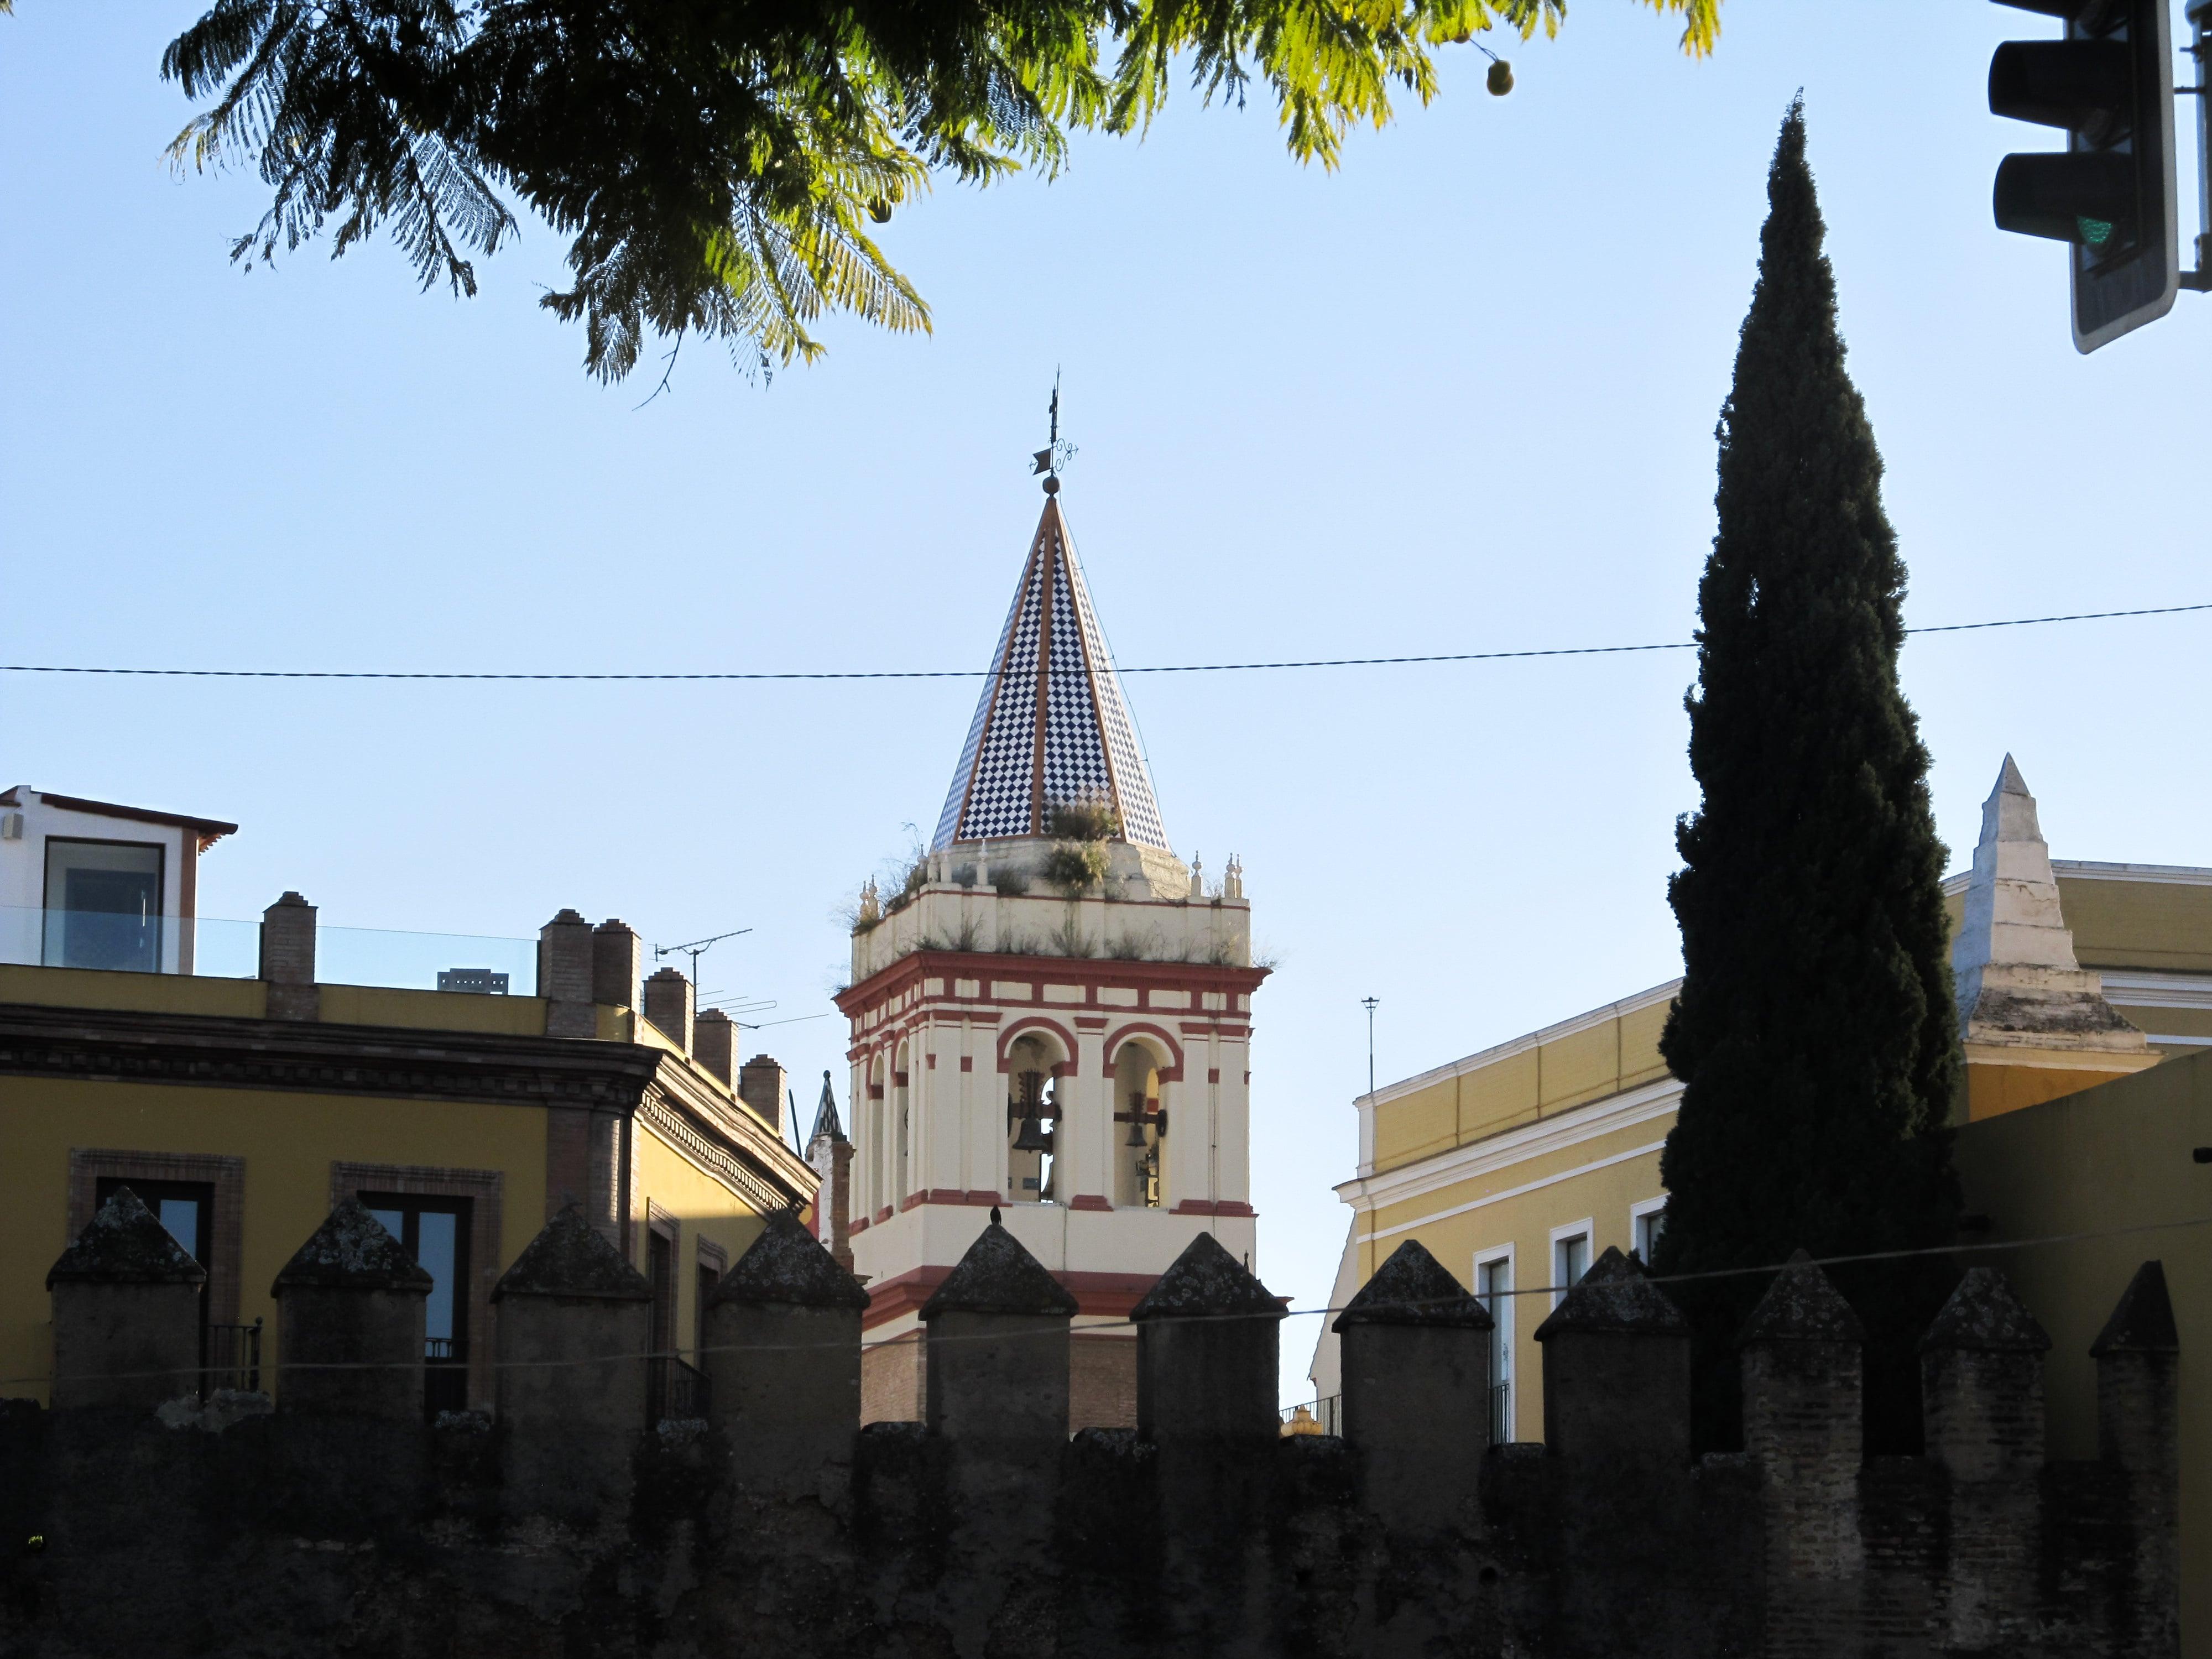 La Macarena : Partez à Séville à la découverte des quartiers Santa Cruz et La Macarena en plein mois de janvier.